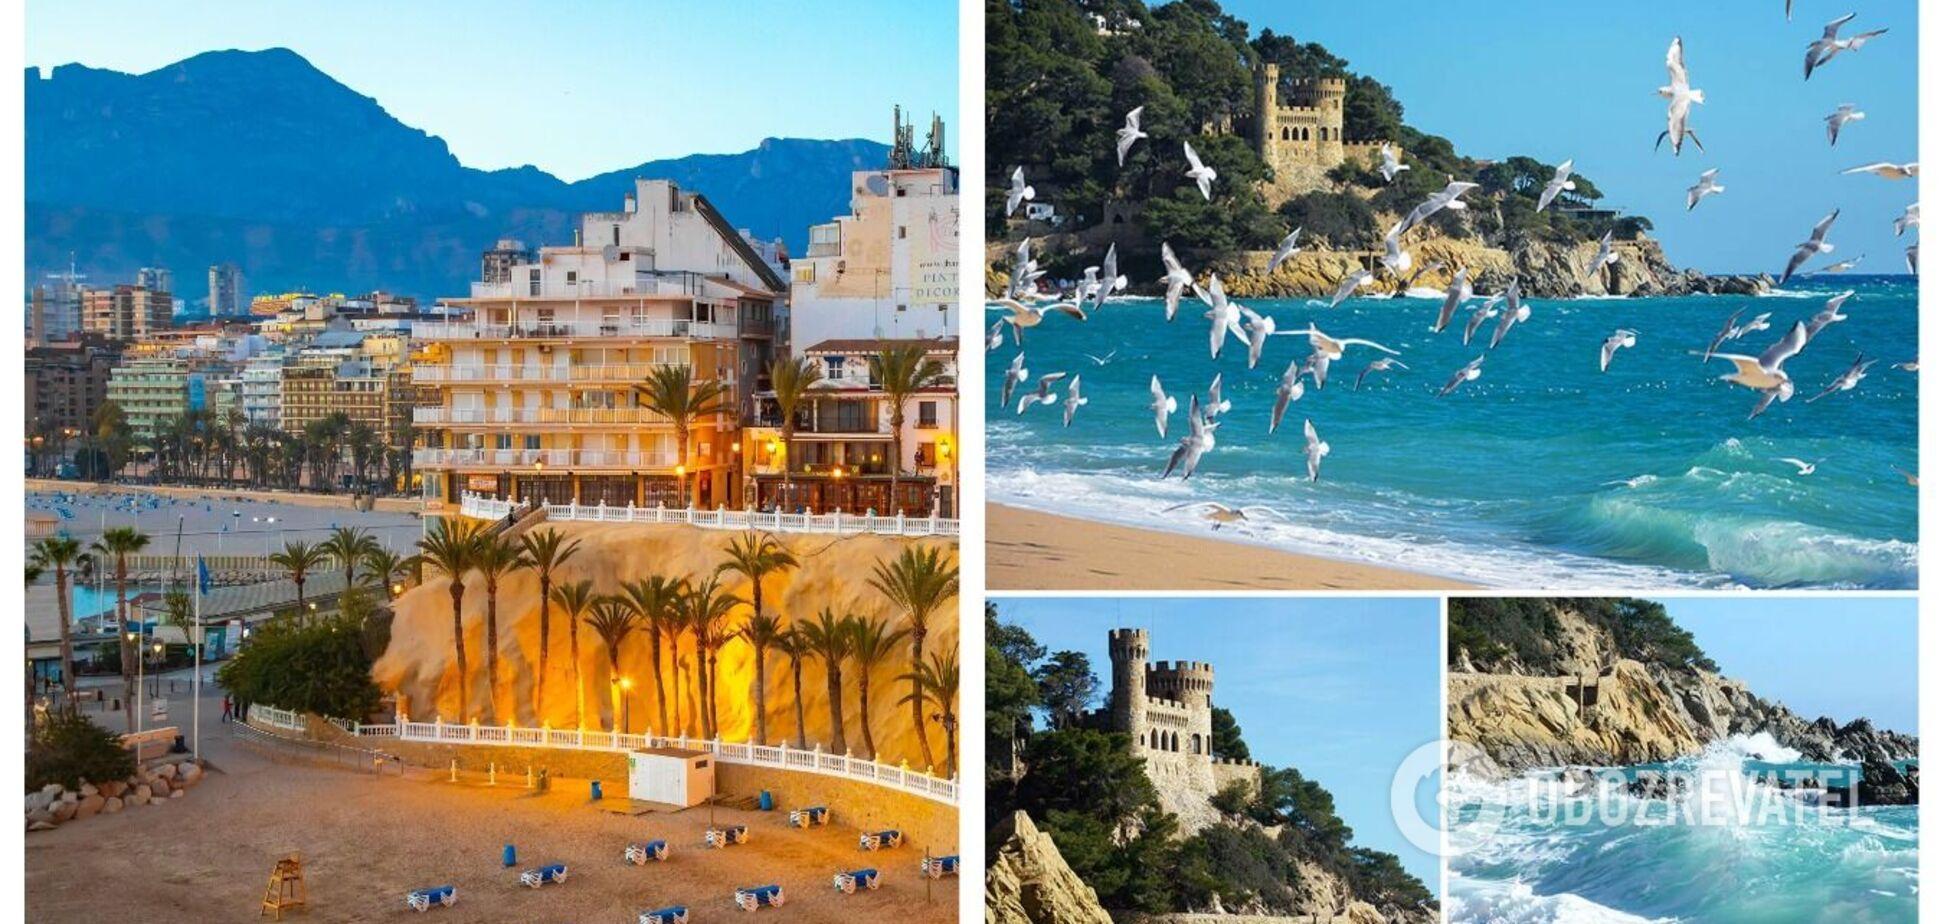 Де краще відпочивати в Іспанії: порівняння морських курортів і цін